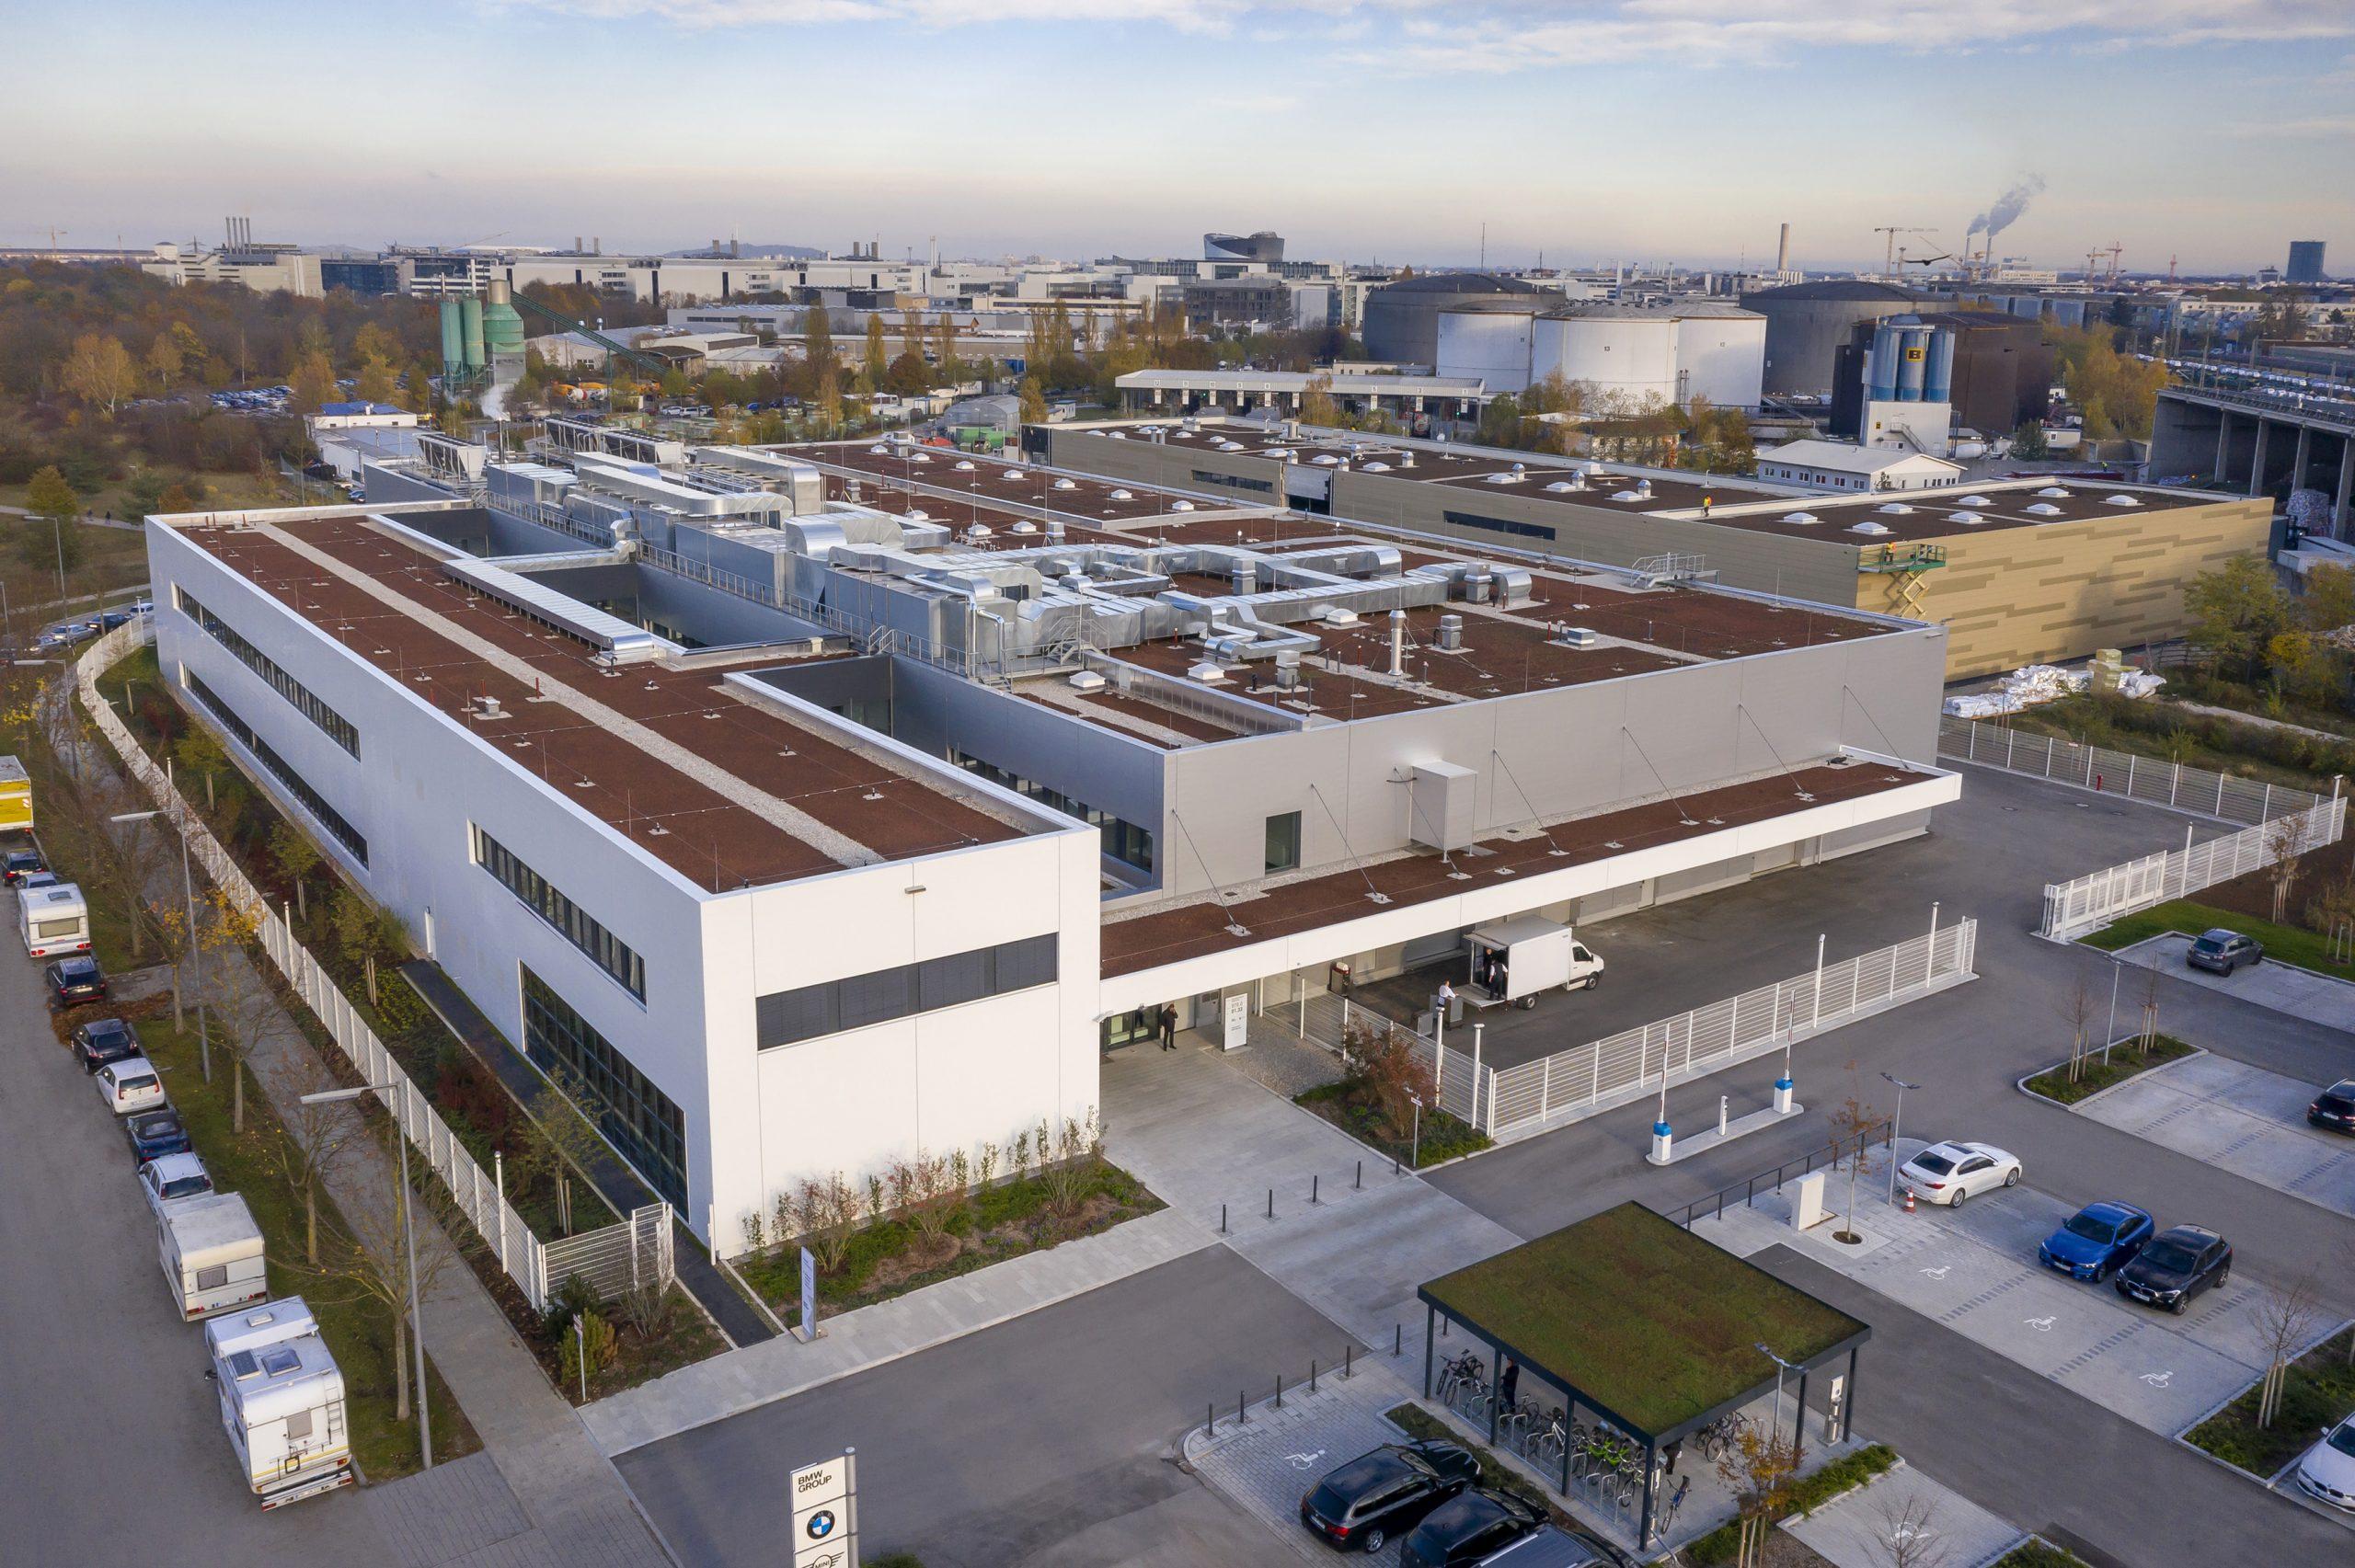 Kompetenzzentrum BMW Batterieproduktion, München 14-11-2019